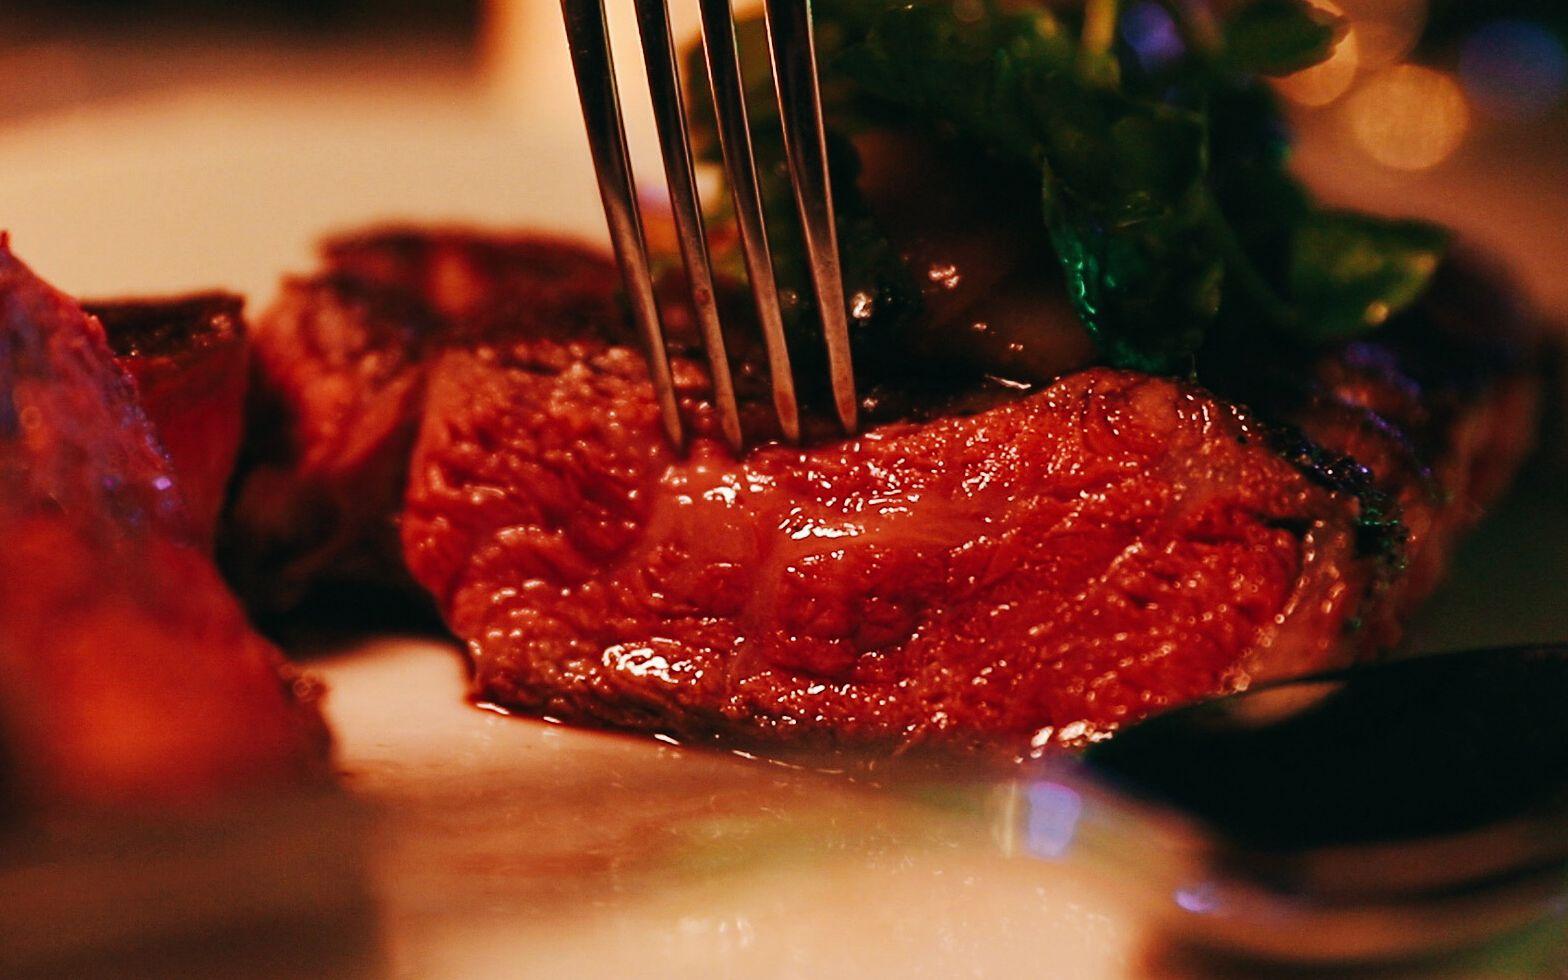 Food Vlog 03. 在上海吃一顿2000元的法餐是一种怎样的体验?